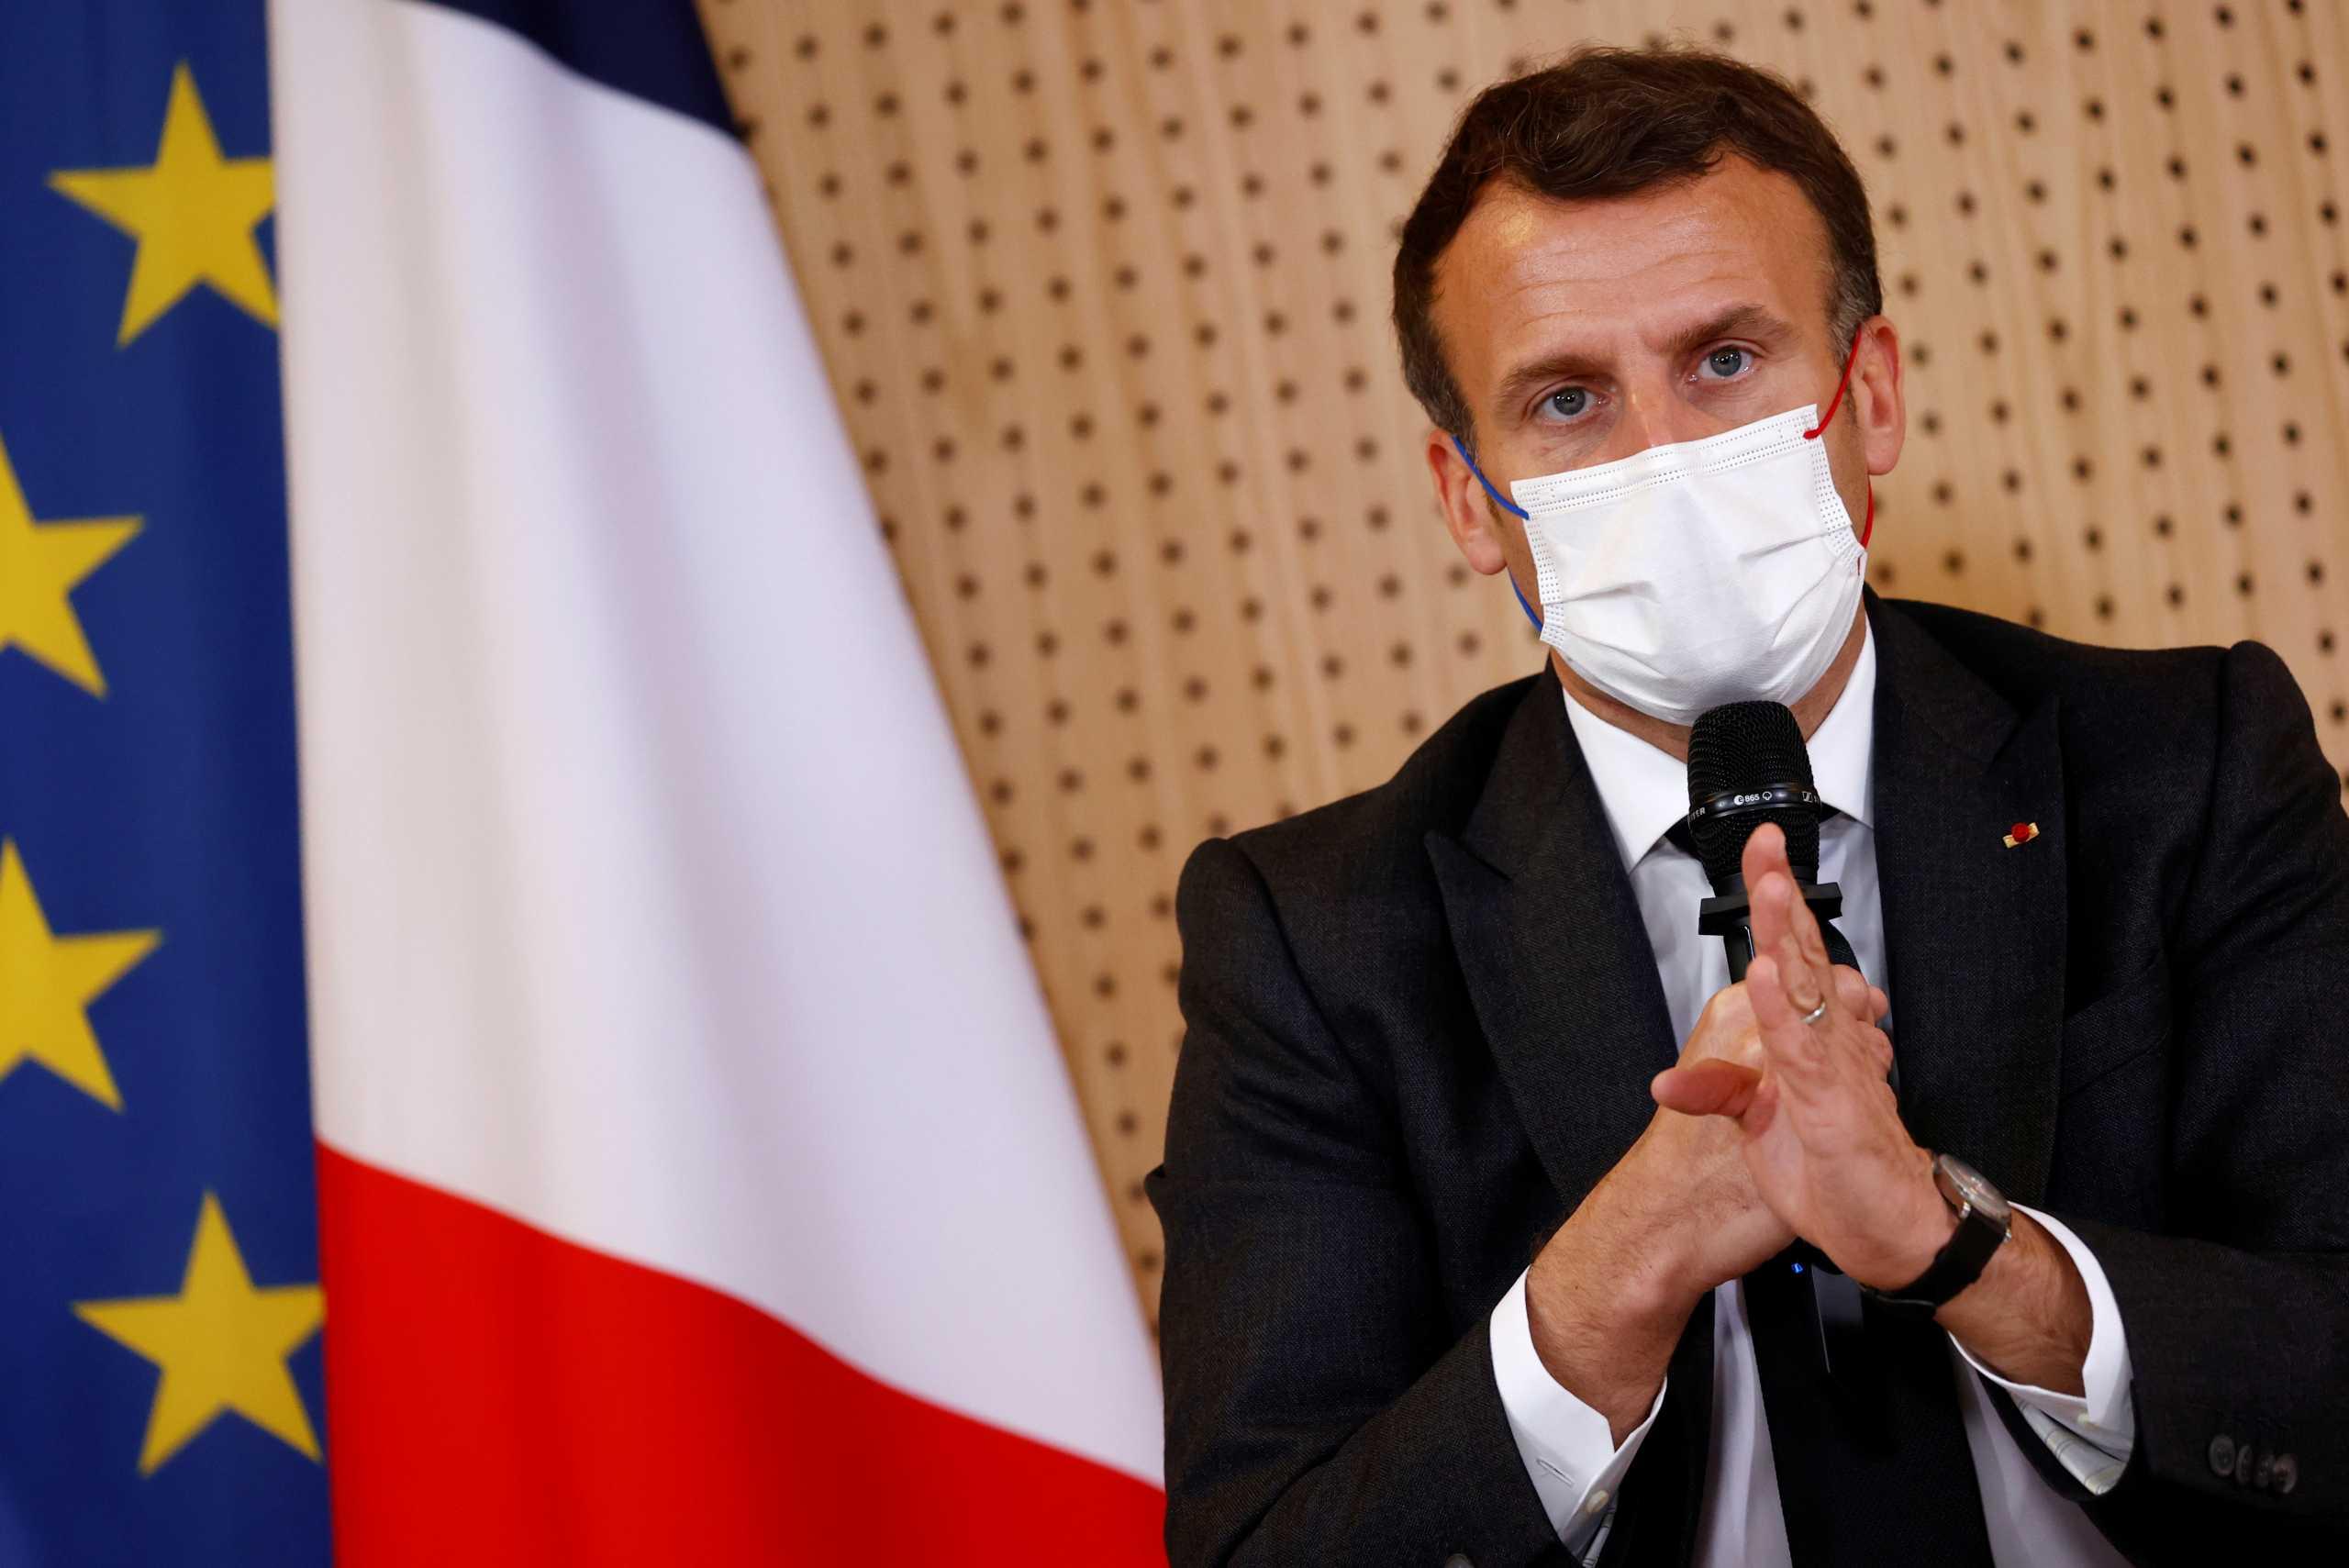 Ο Γάλλος πρόεδρος λέει ότι οι διεθνείς δυνάμεις θα πρέπει να χαράξουν «σαφείς κόκκινες γραμμές» με τη Μόσχα